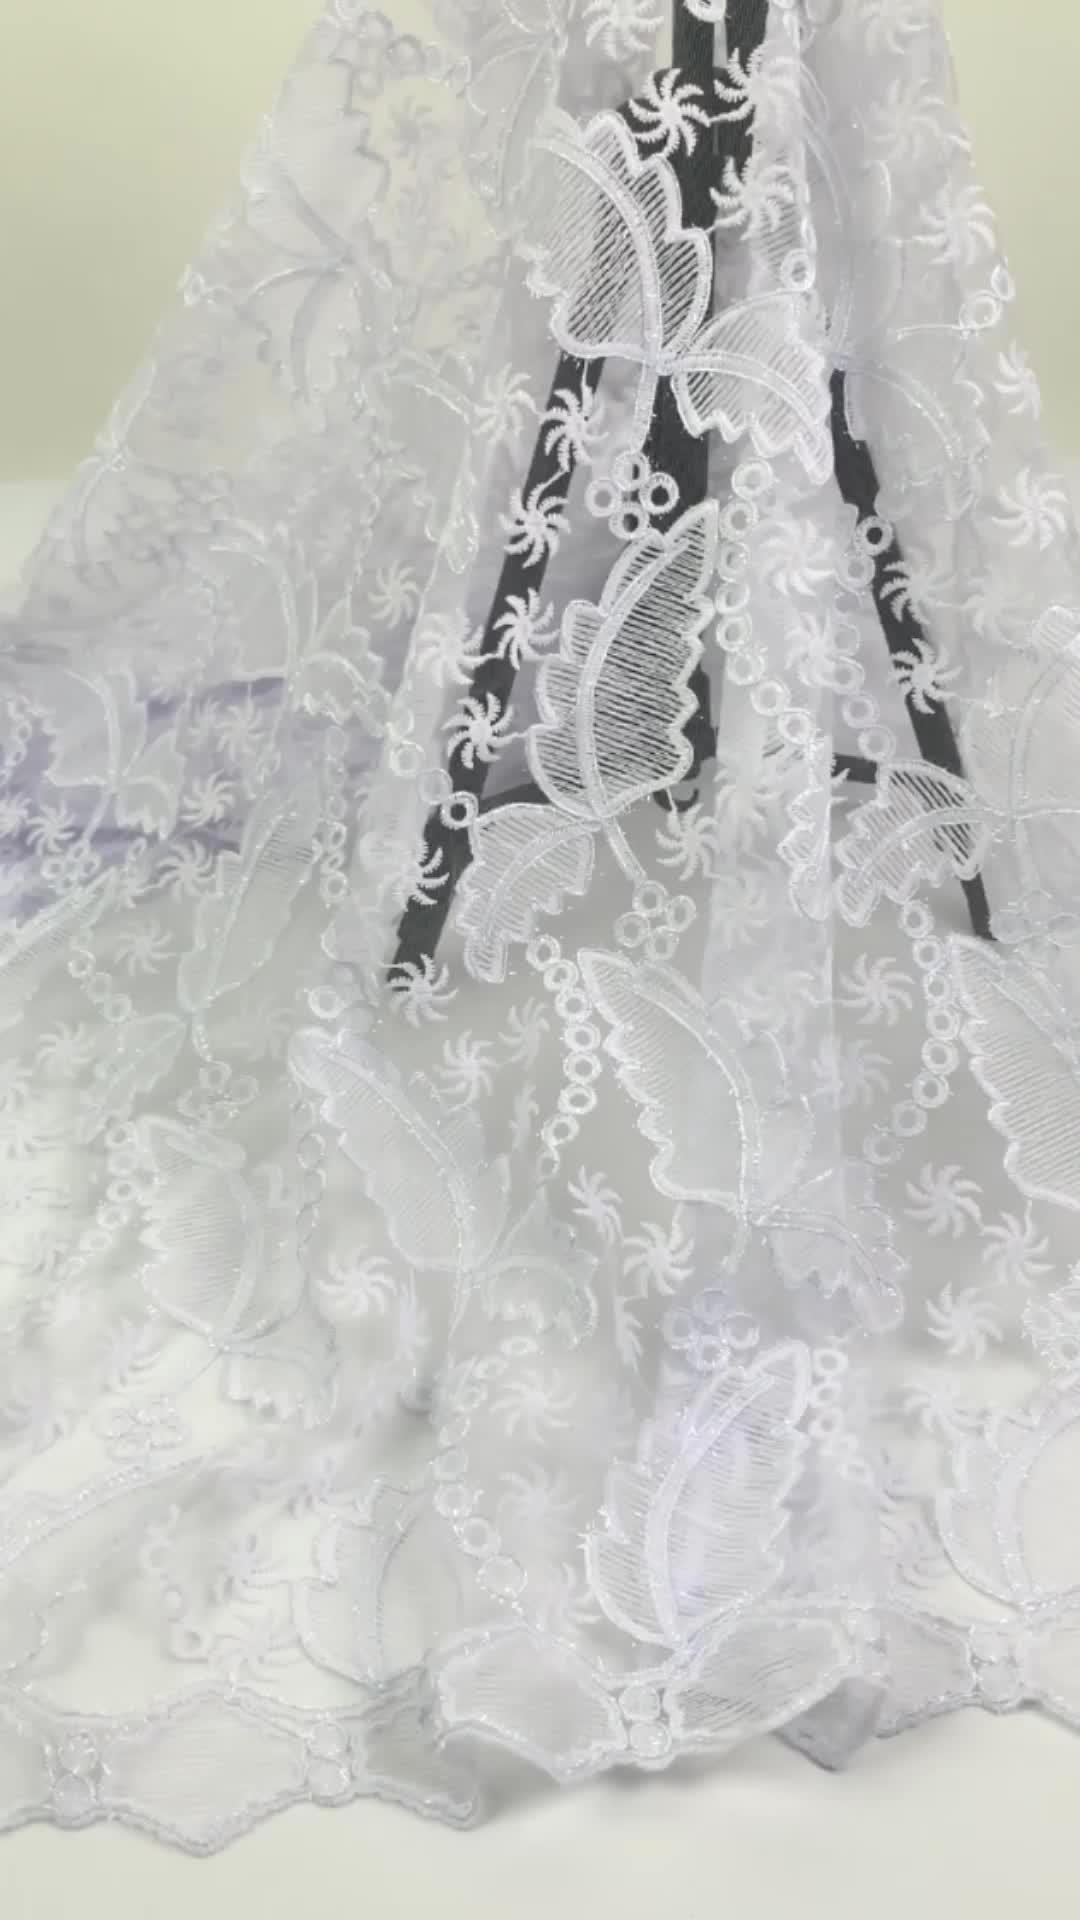 नई डिजाइन सफेद फ्रेंच शुद्ध फीता कपड़े उच्च गुणवत्ता के लिए 2020 अफ्रीकी Tulle फीता कपड़े शादी की पोशाक 1812